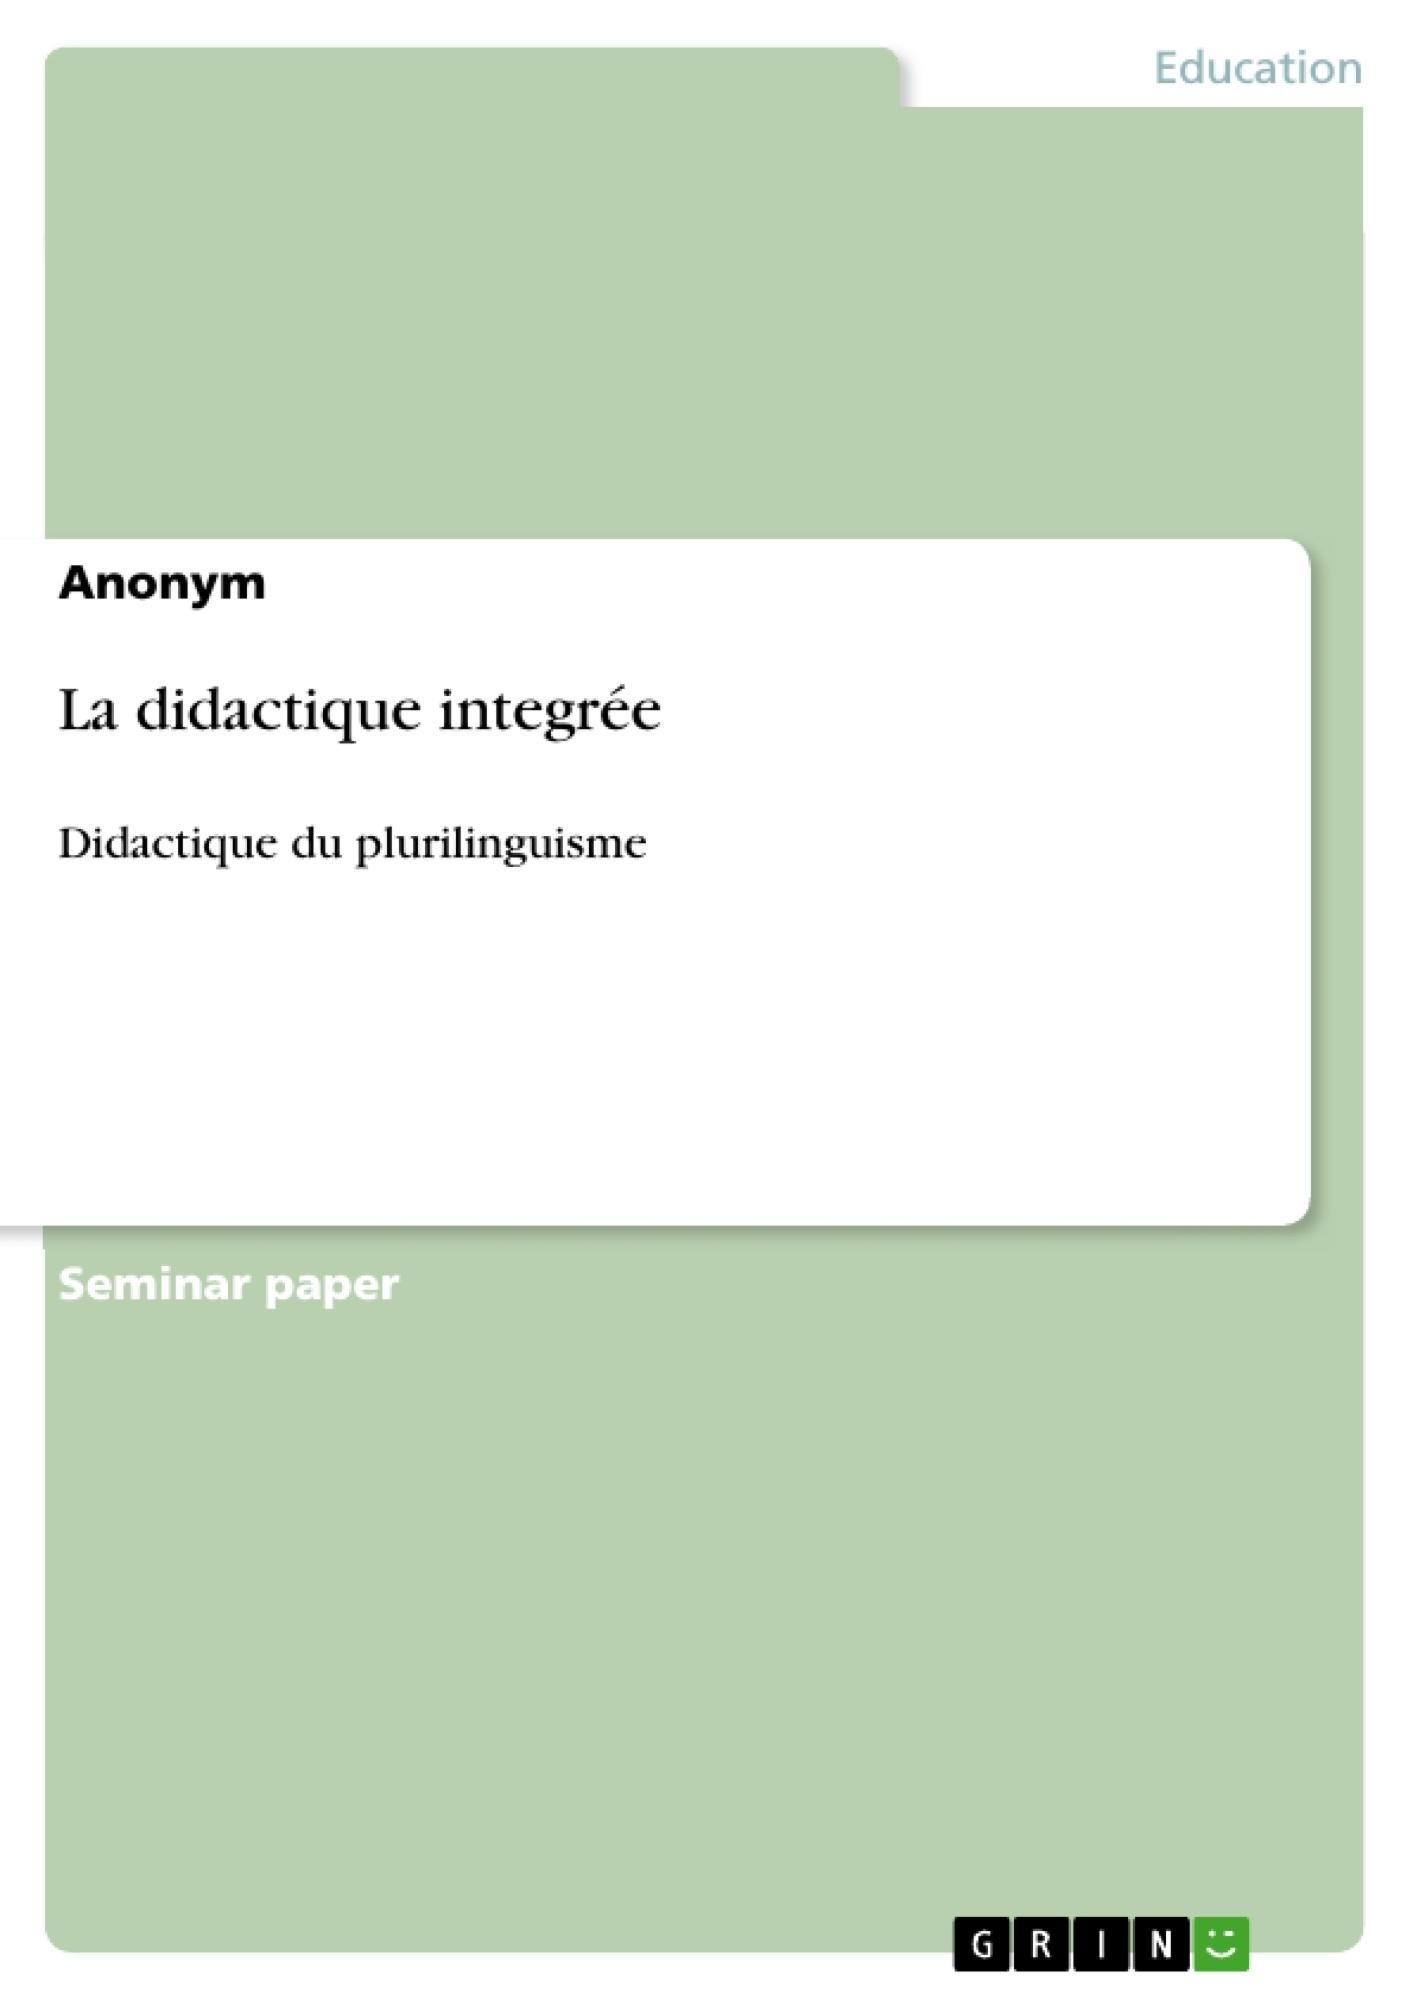 Titre: La didactique integrée